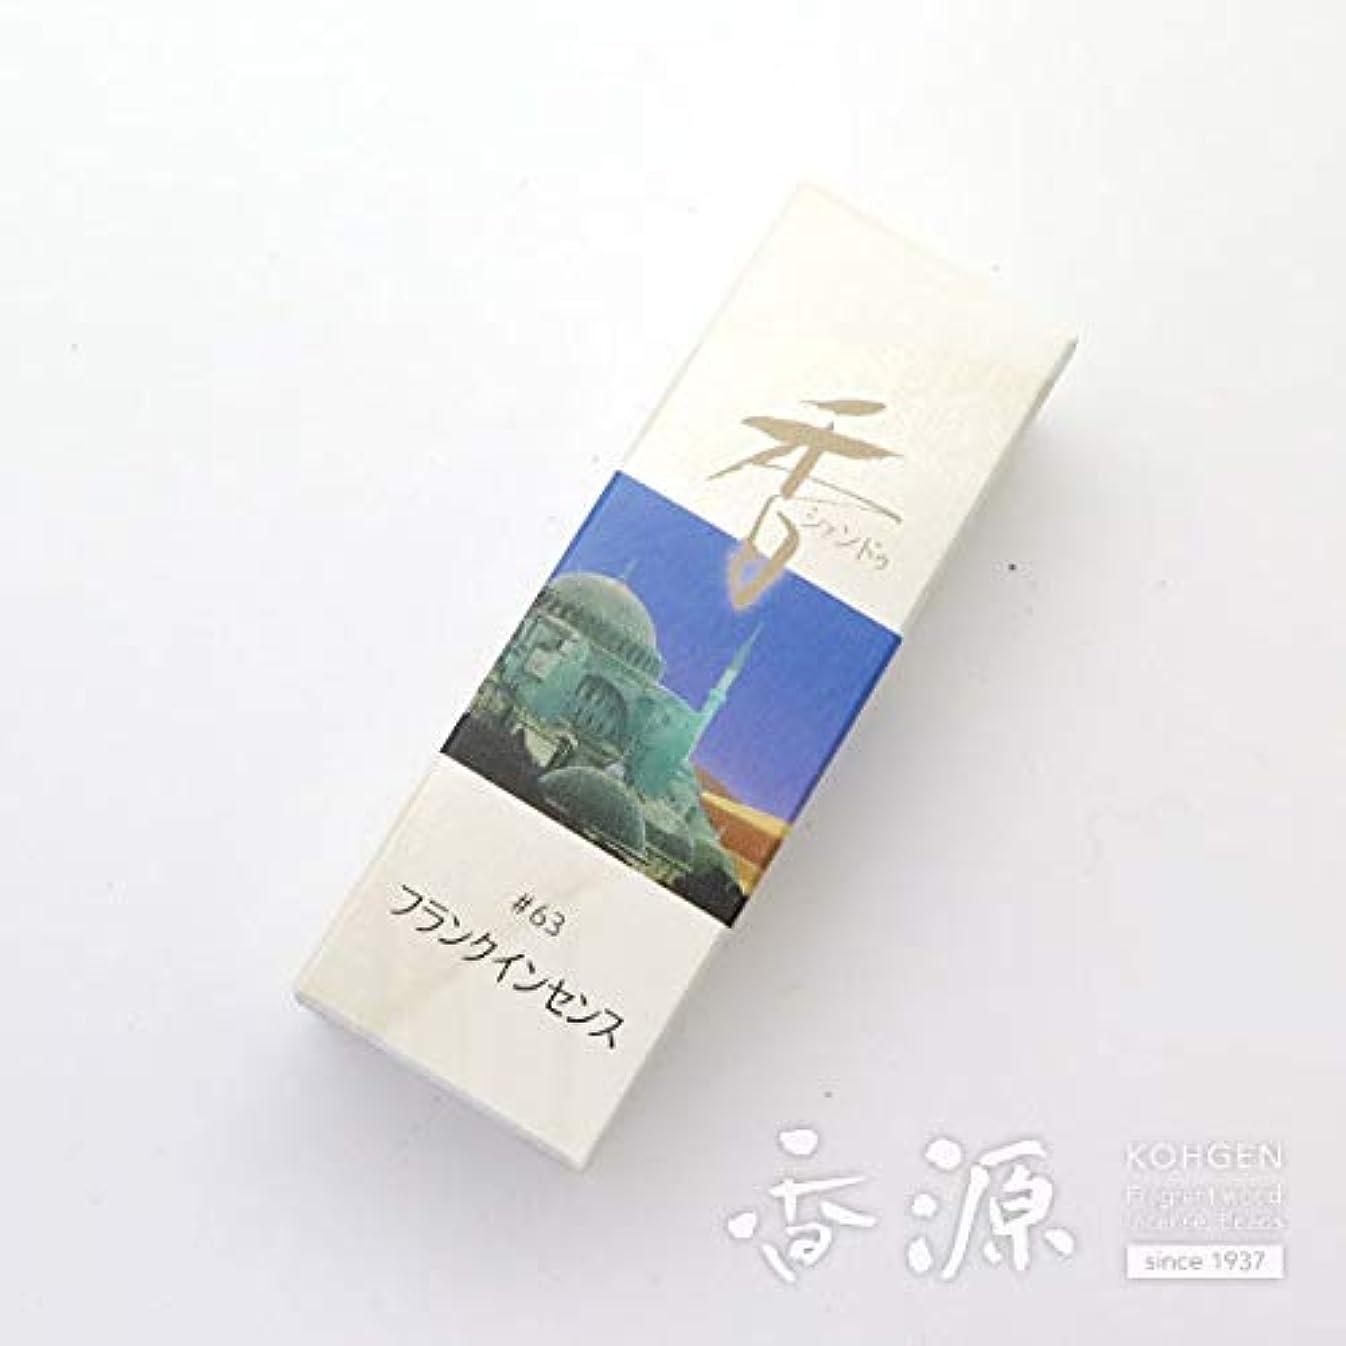 トーク鼻願望Xiang Do(シャンドゥ) 松栄堂のお香 フランクインセンス ST20本入 簡易香立付 #214263